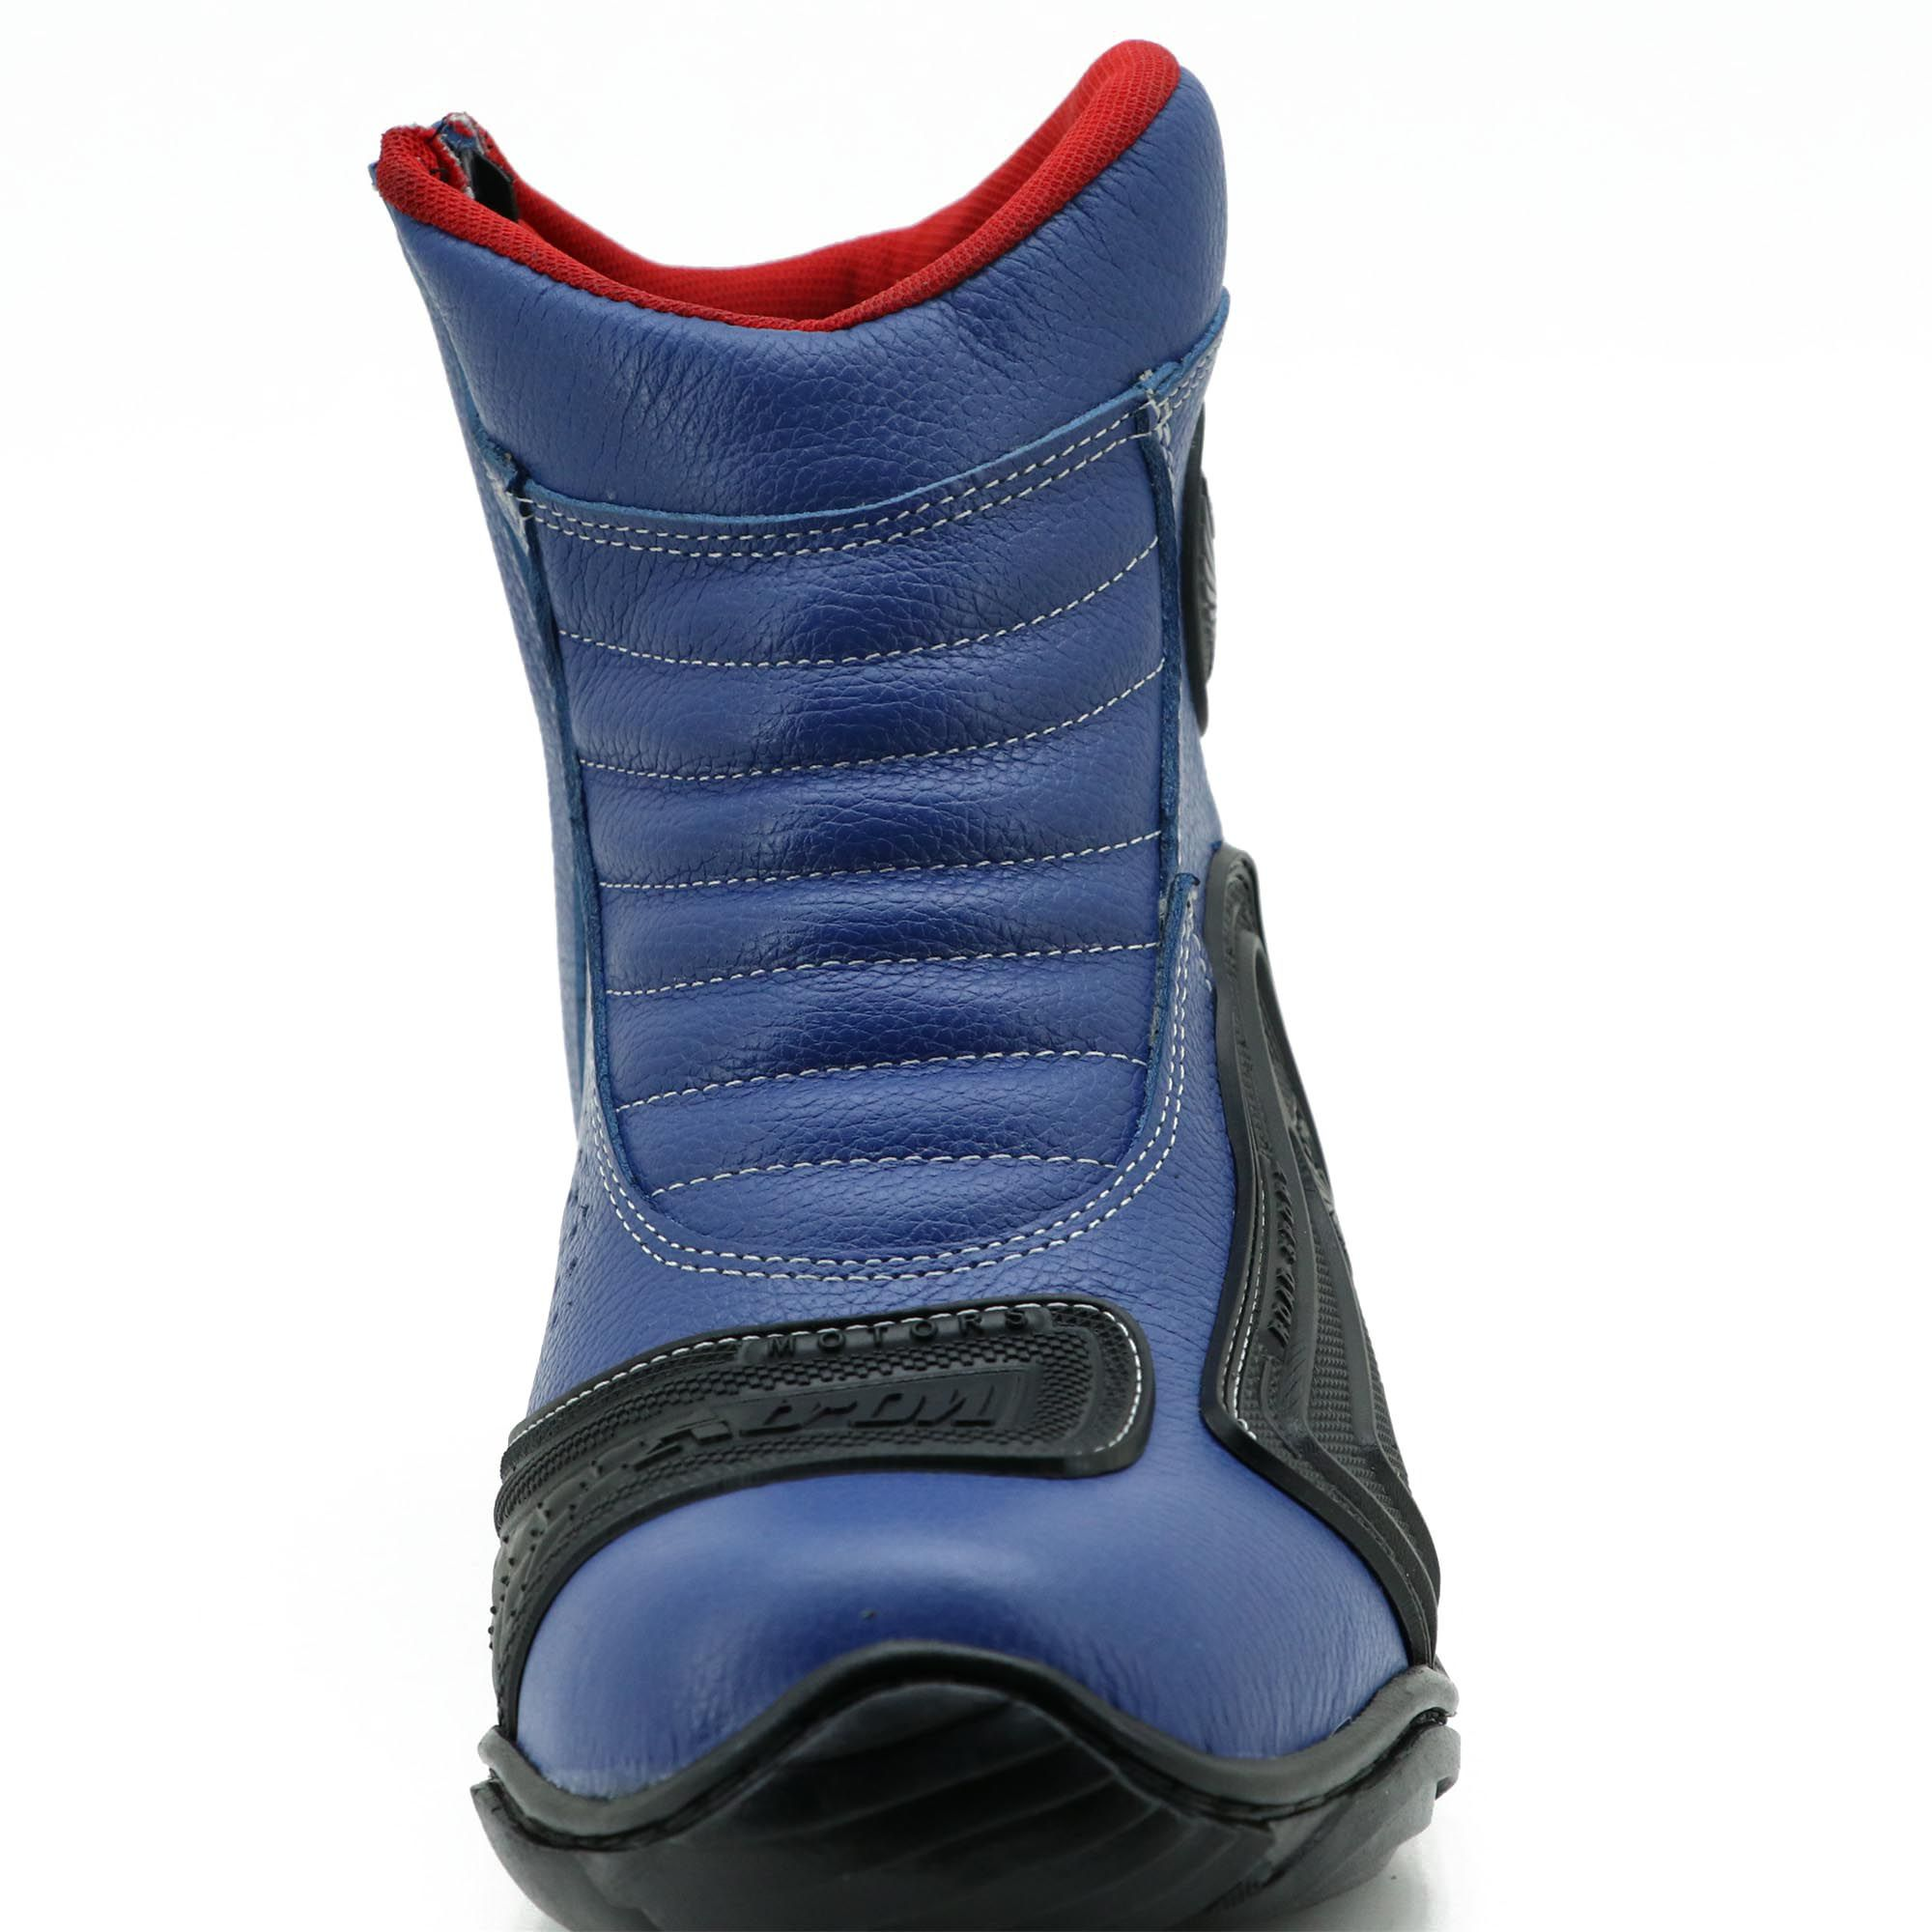 Bota para motociclista azul com borracha 283